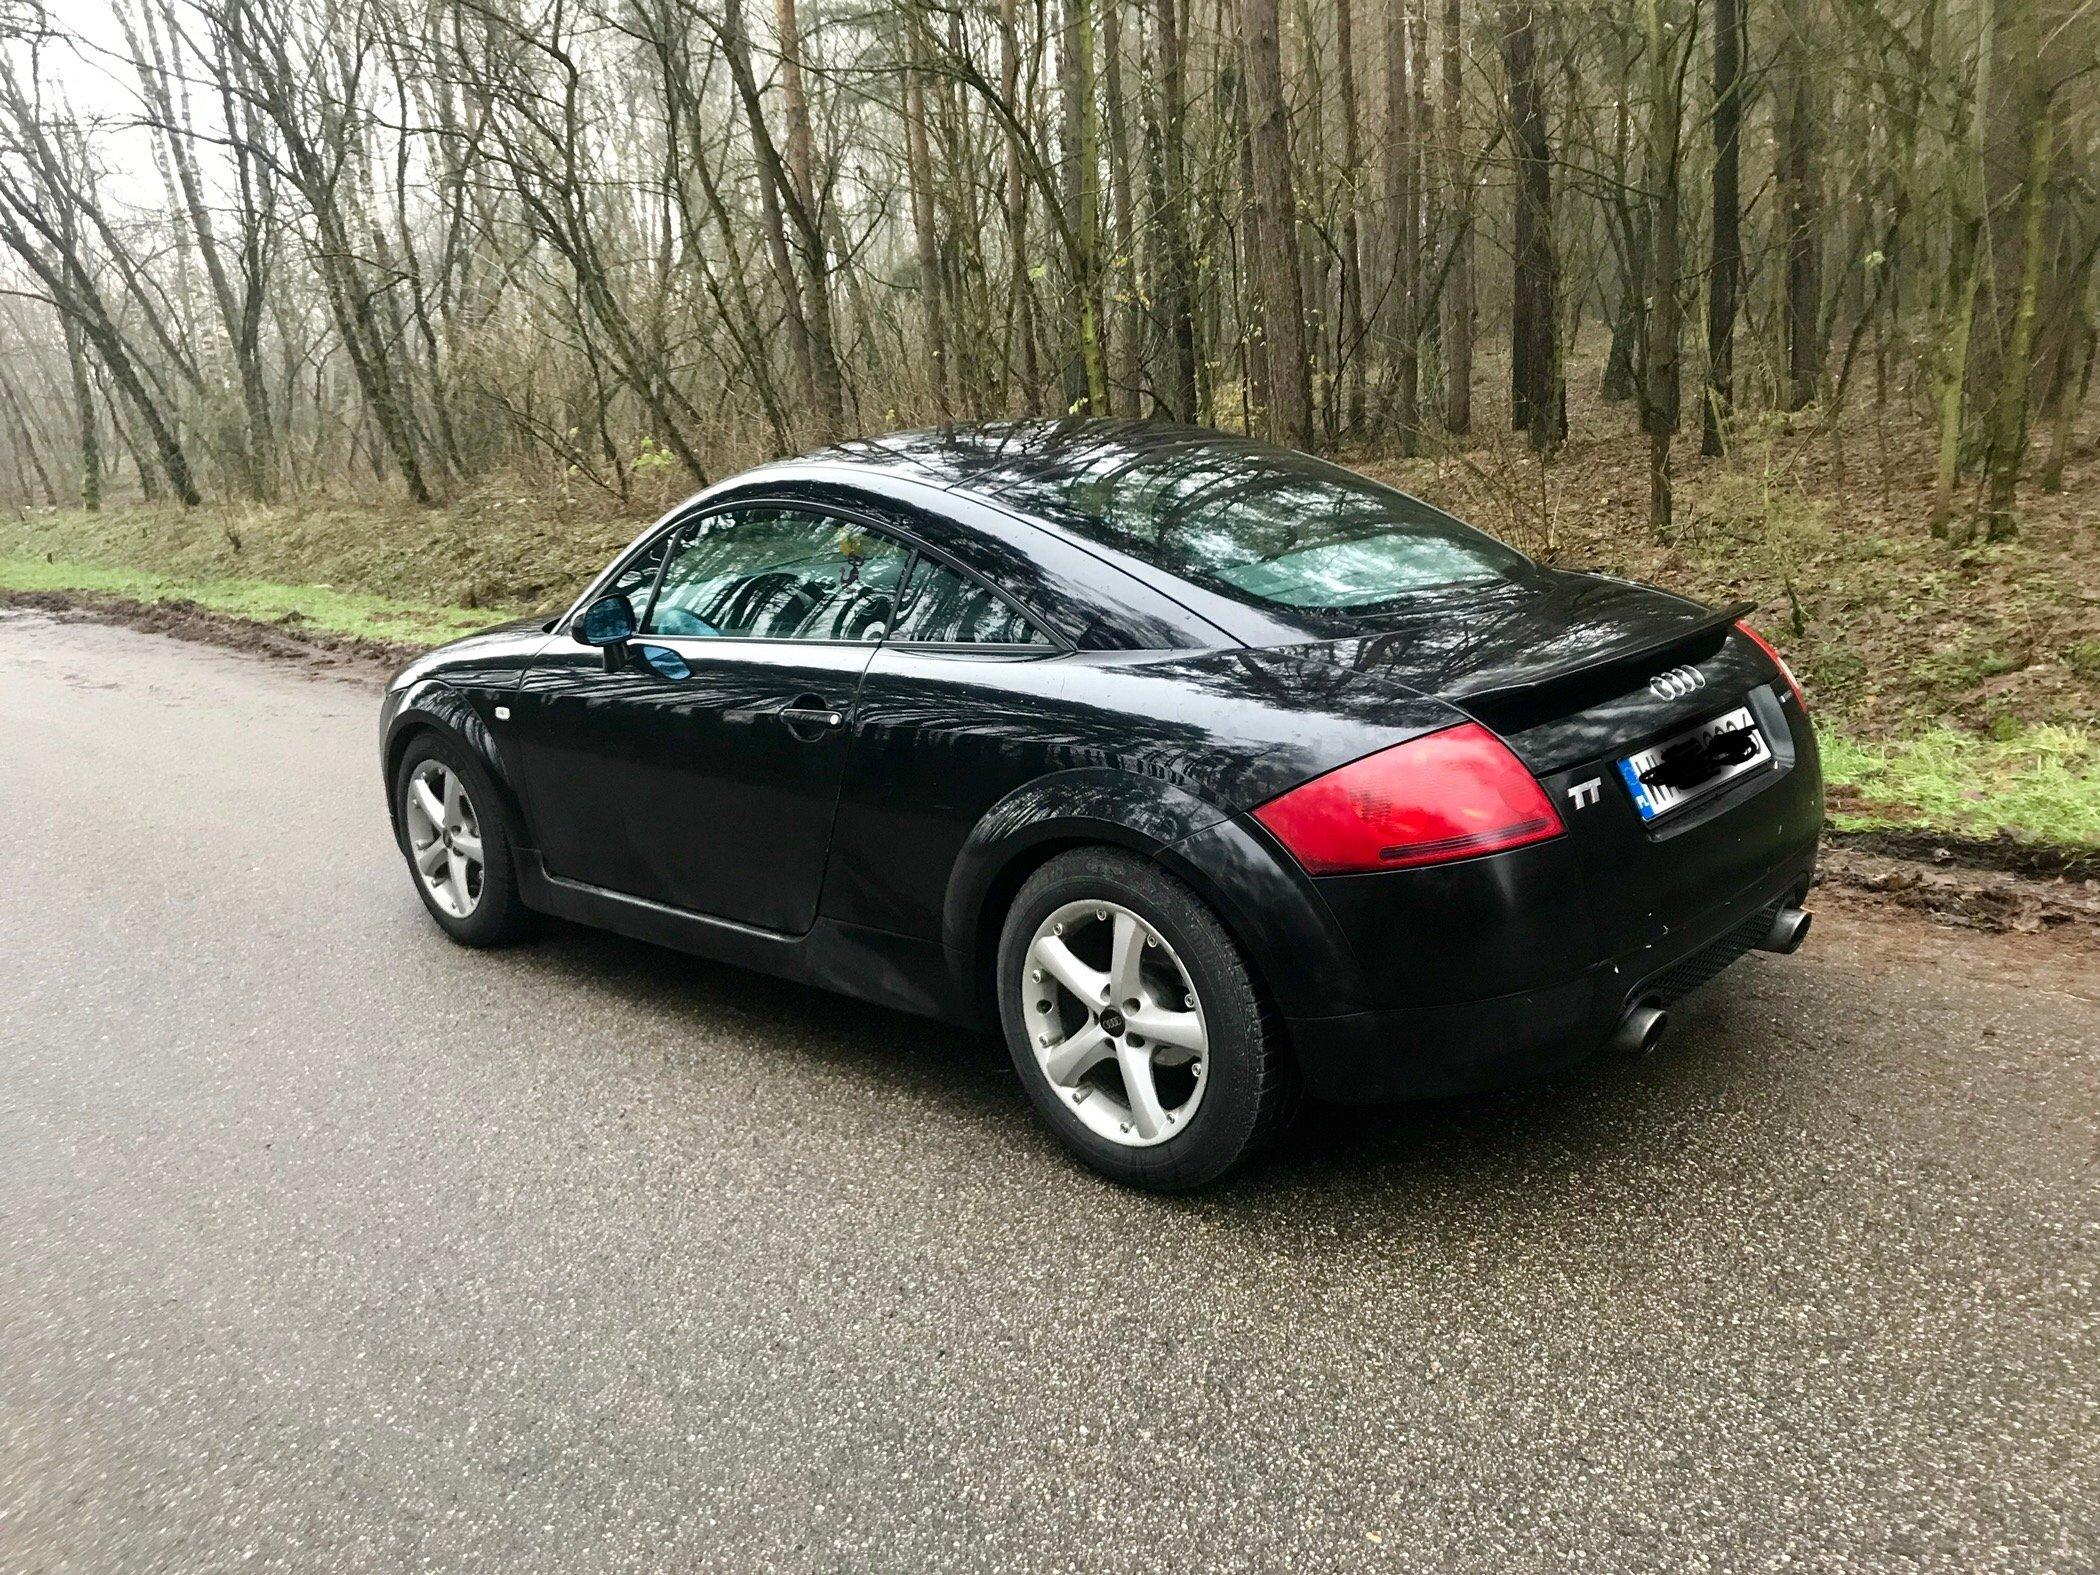 Audi Tt 8n Czarna 18 T Quattro 180km 1999 7106526249 Oficjalne